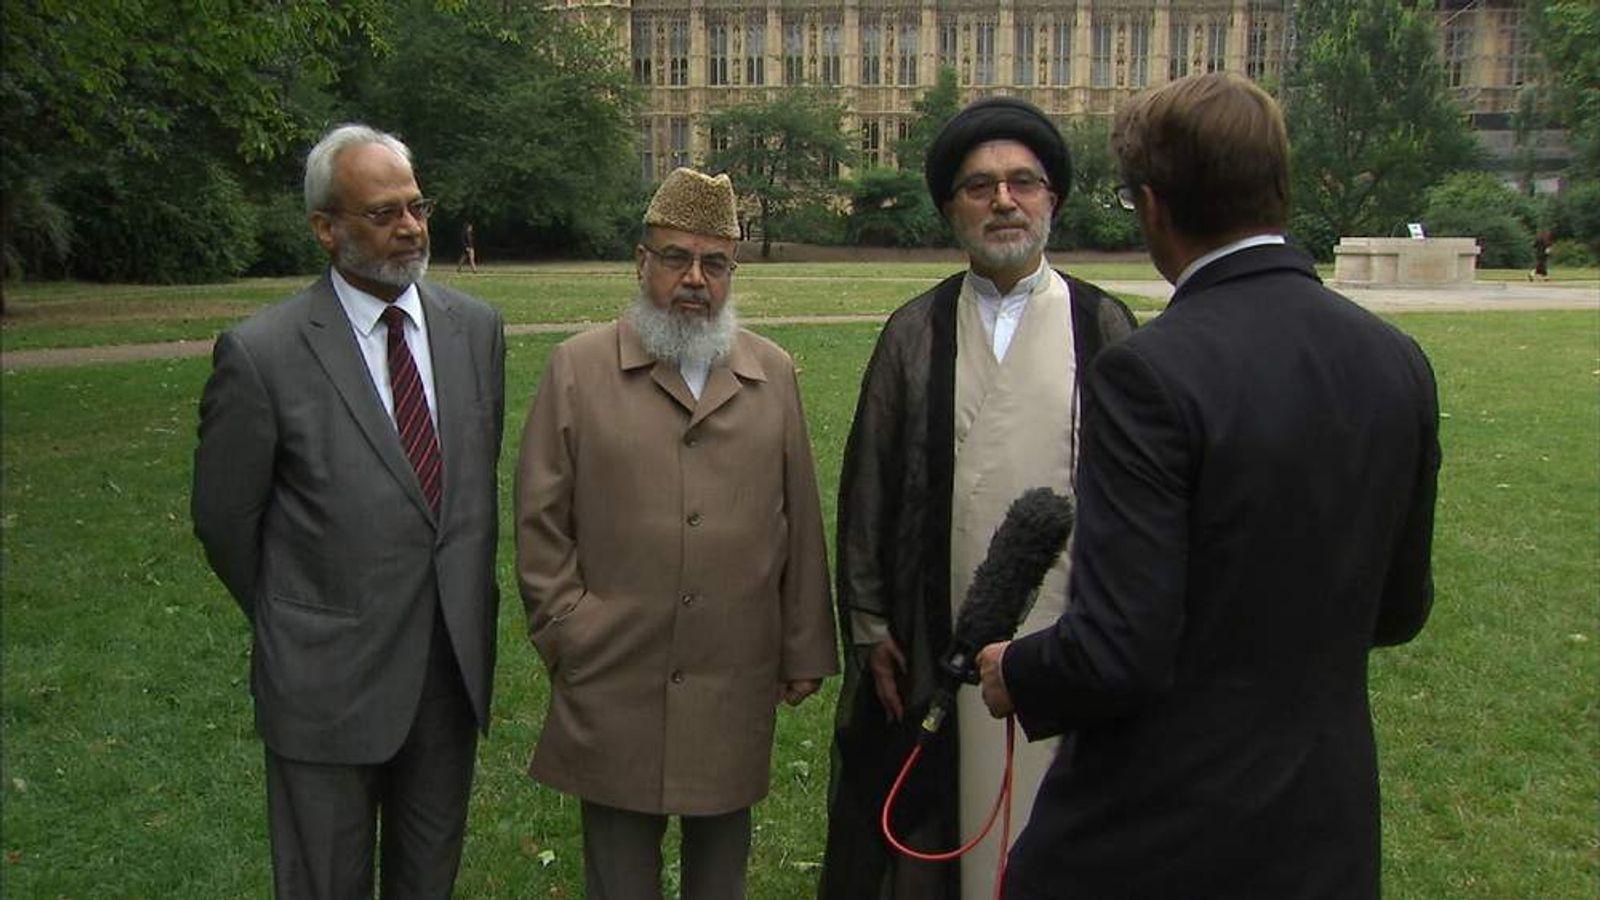 (L-R) Shuja Shafi, Maulana Shahid Raza and Sayed Fadhil Al Milani